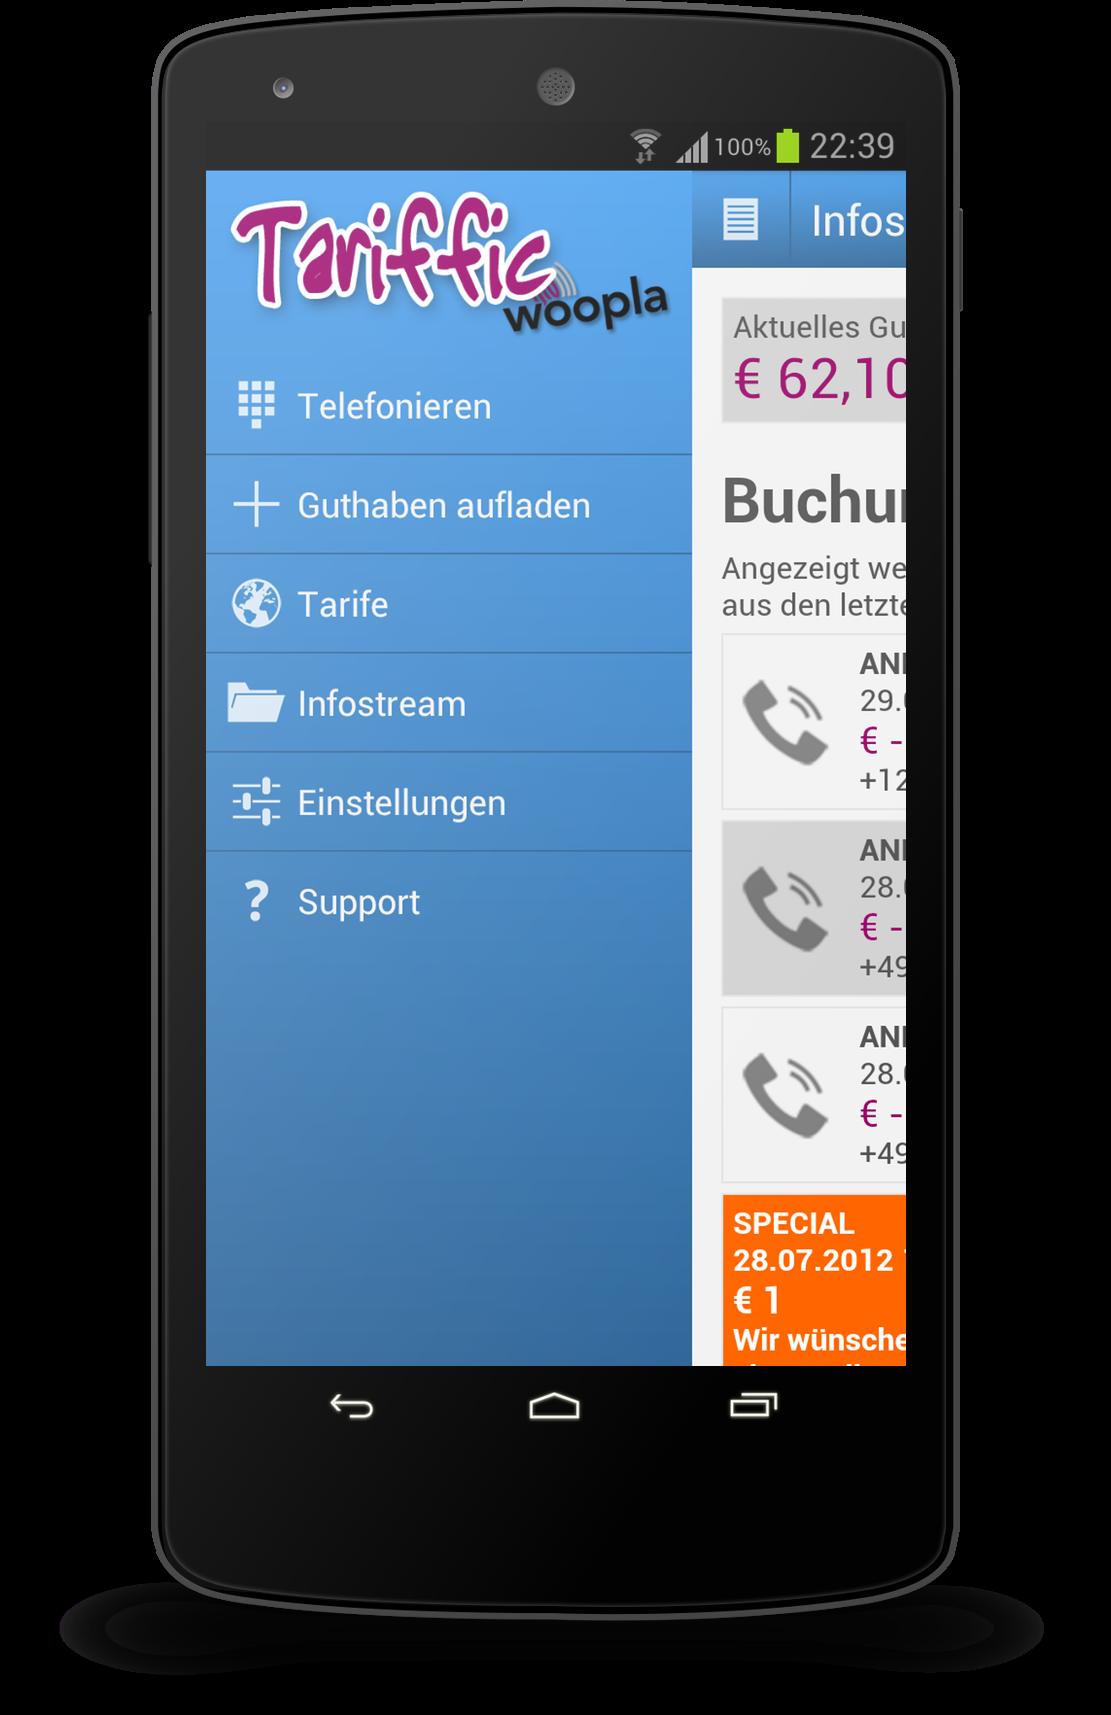 Tariffic für Android und iPhone - die App für günstige Auslandstelefonate vom Smartphone